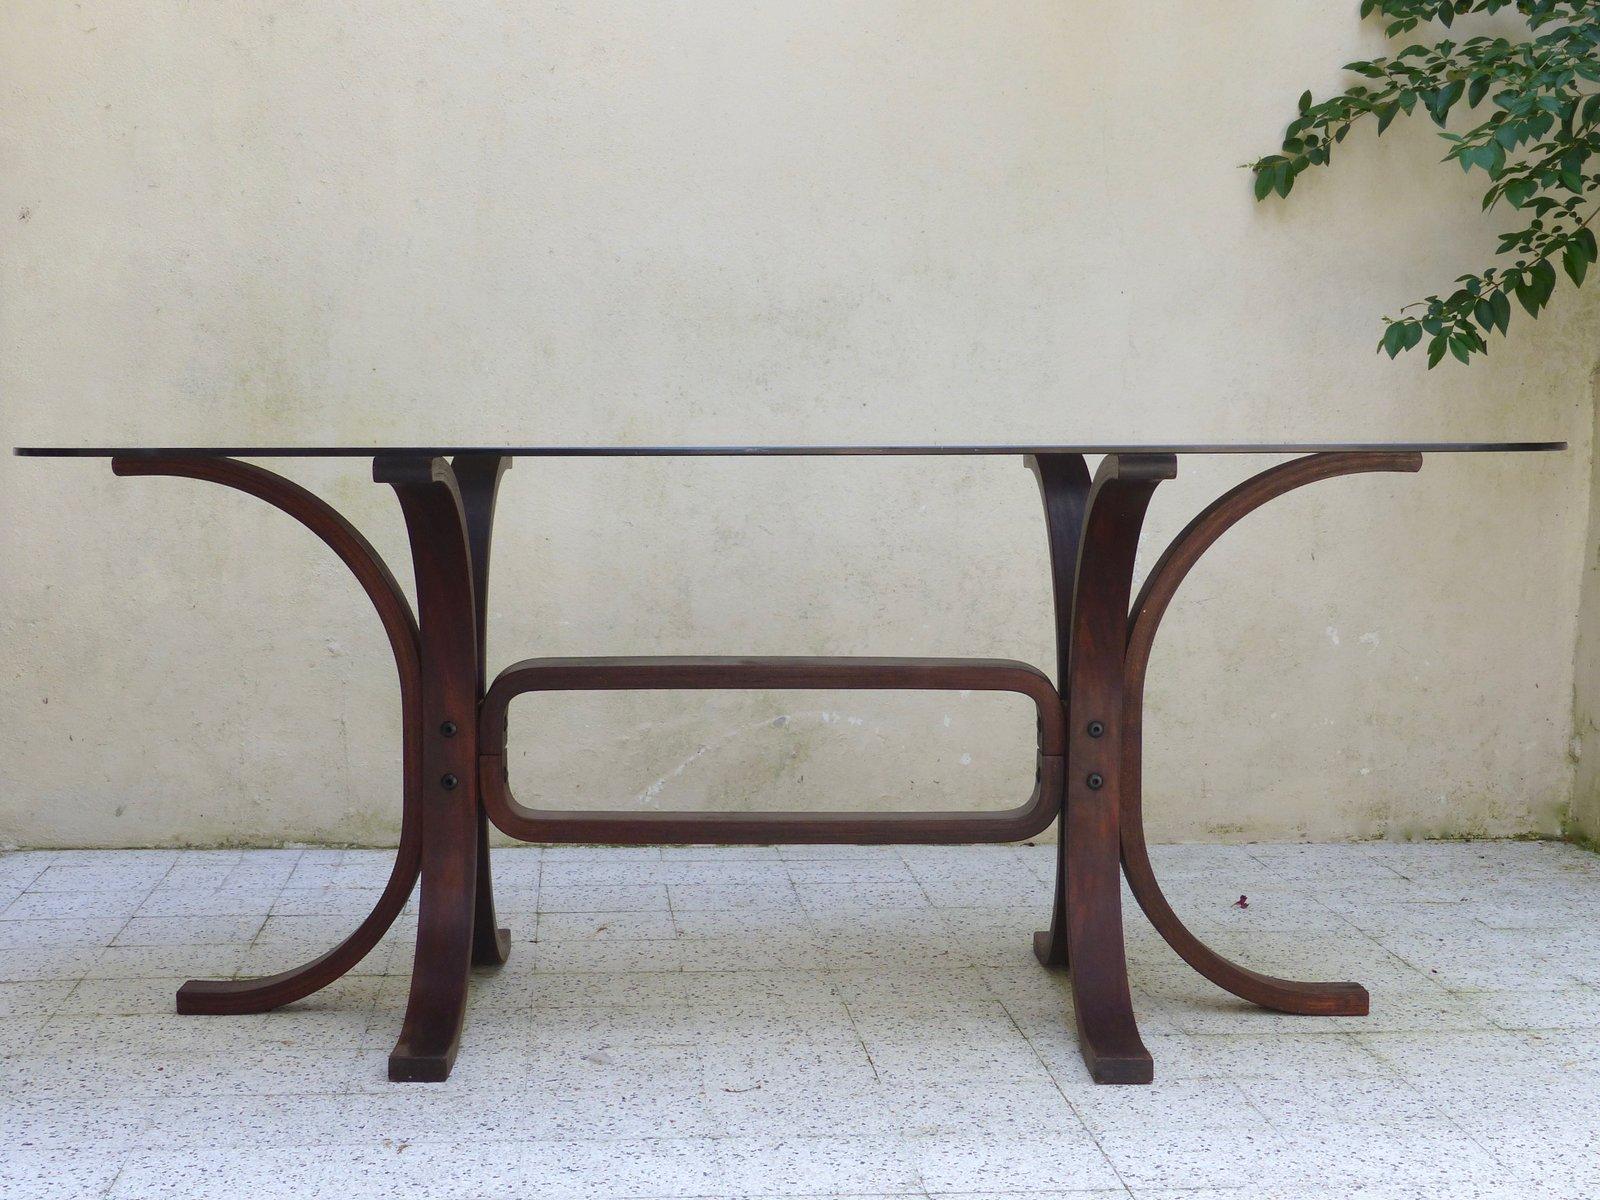 Tavolo vintage in vetro e legno curvo in vendita su Pamono